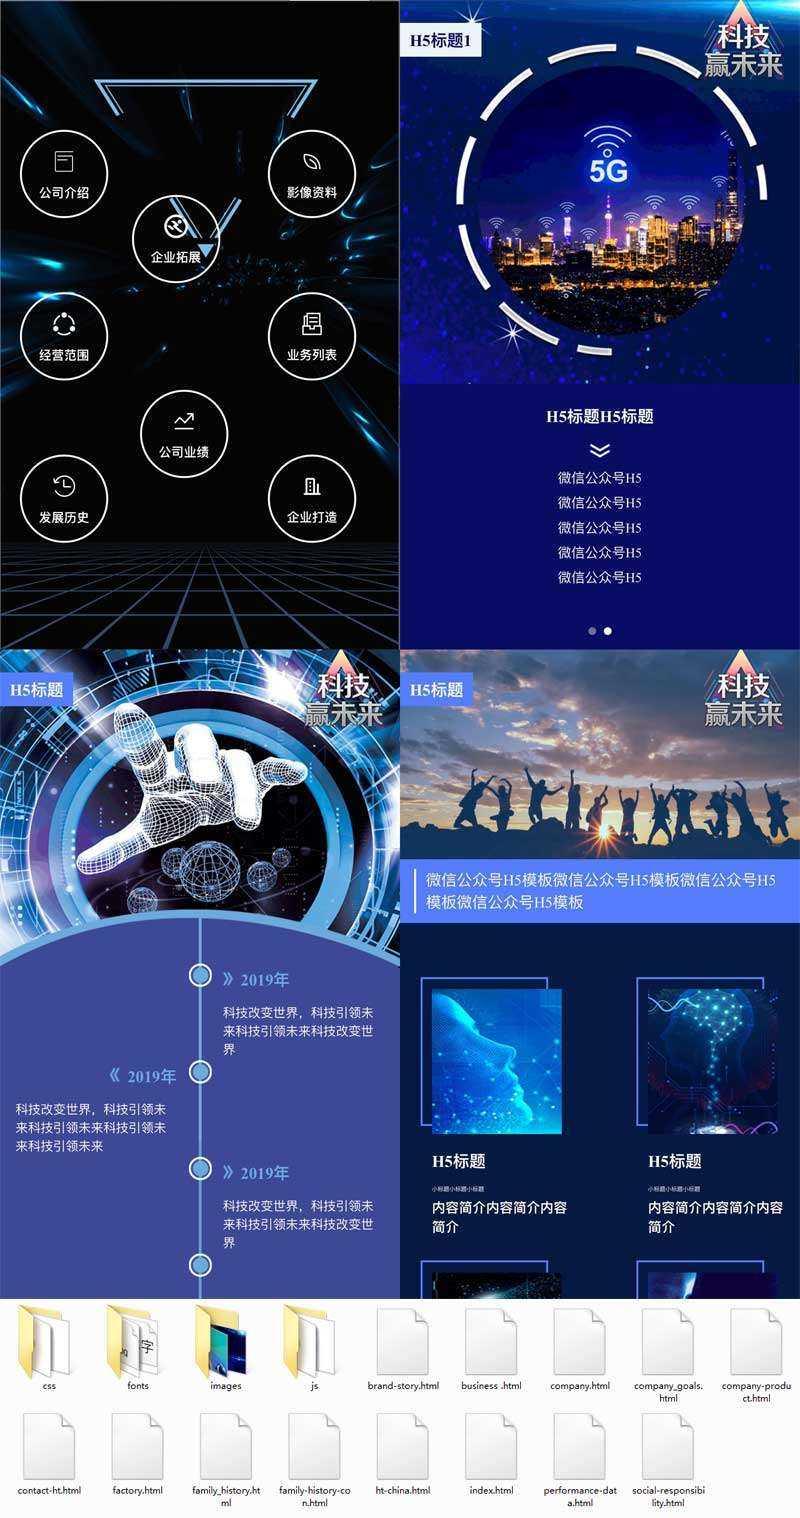 H5微信公众号企业通用模板